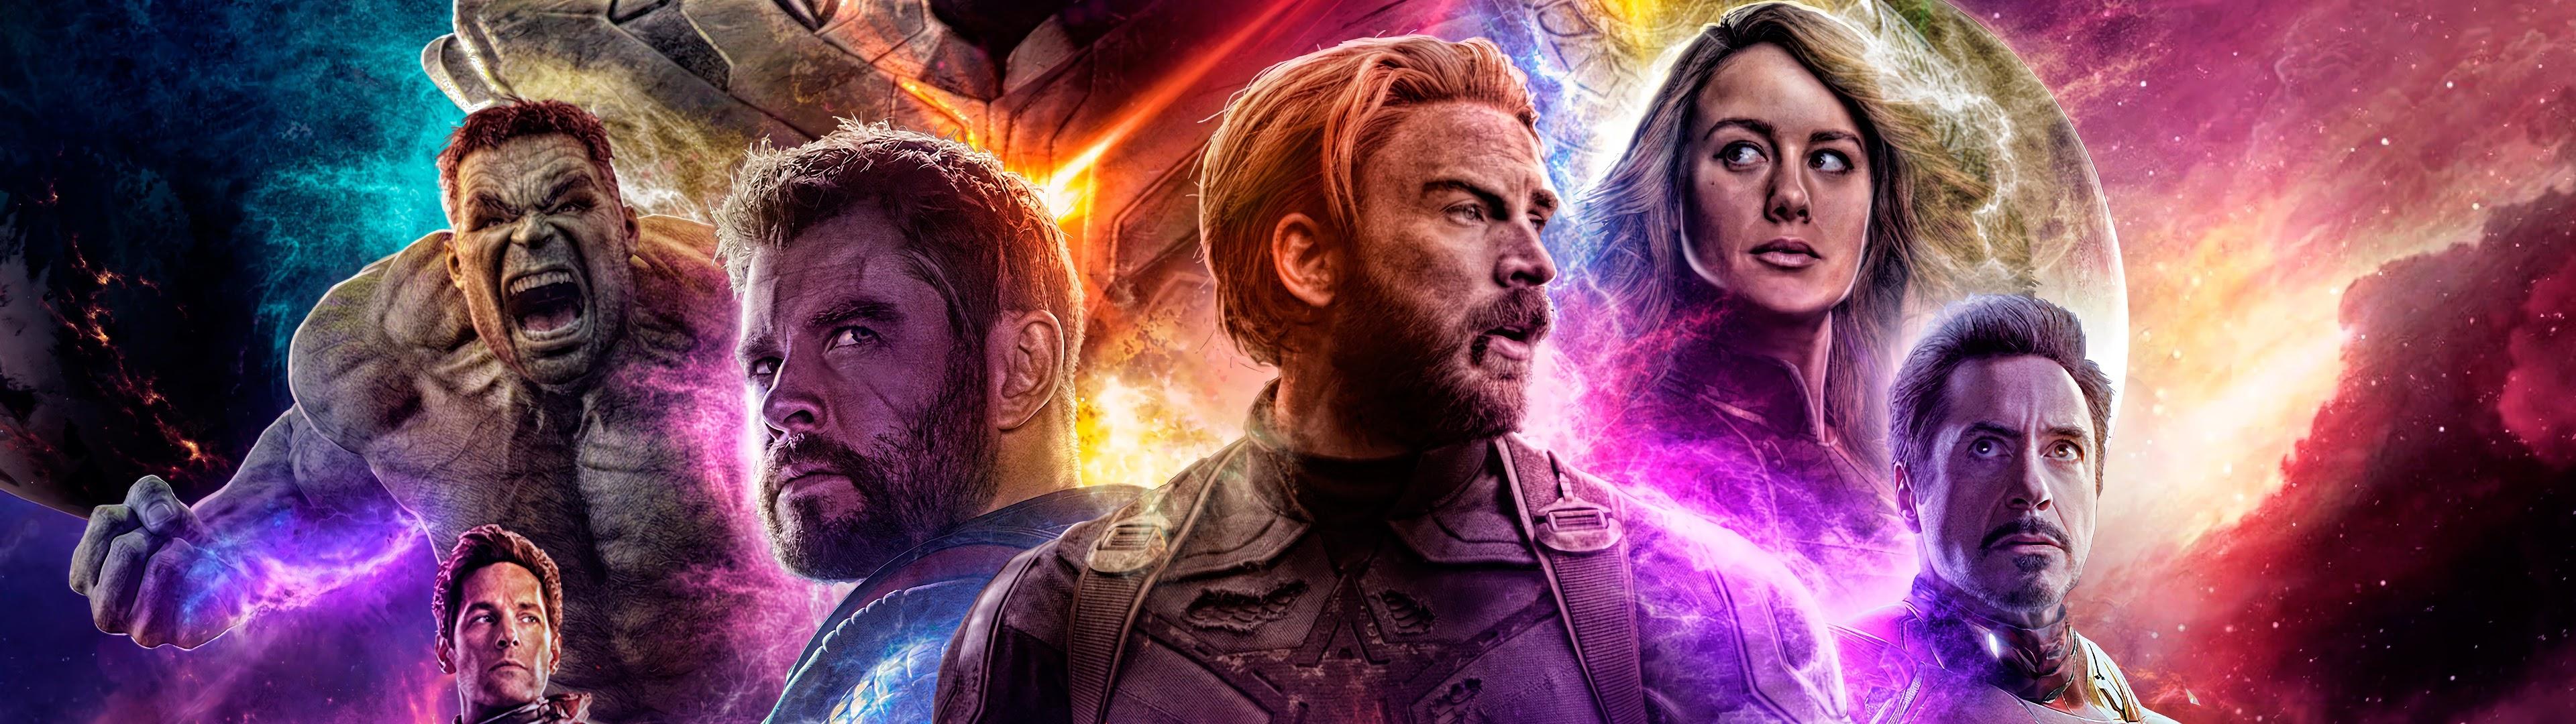 Thanos Infinity Gauntlet Avengers Endgame Cast 4k Wallpaper 36